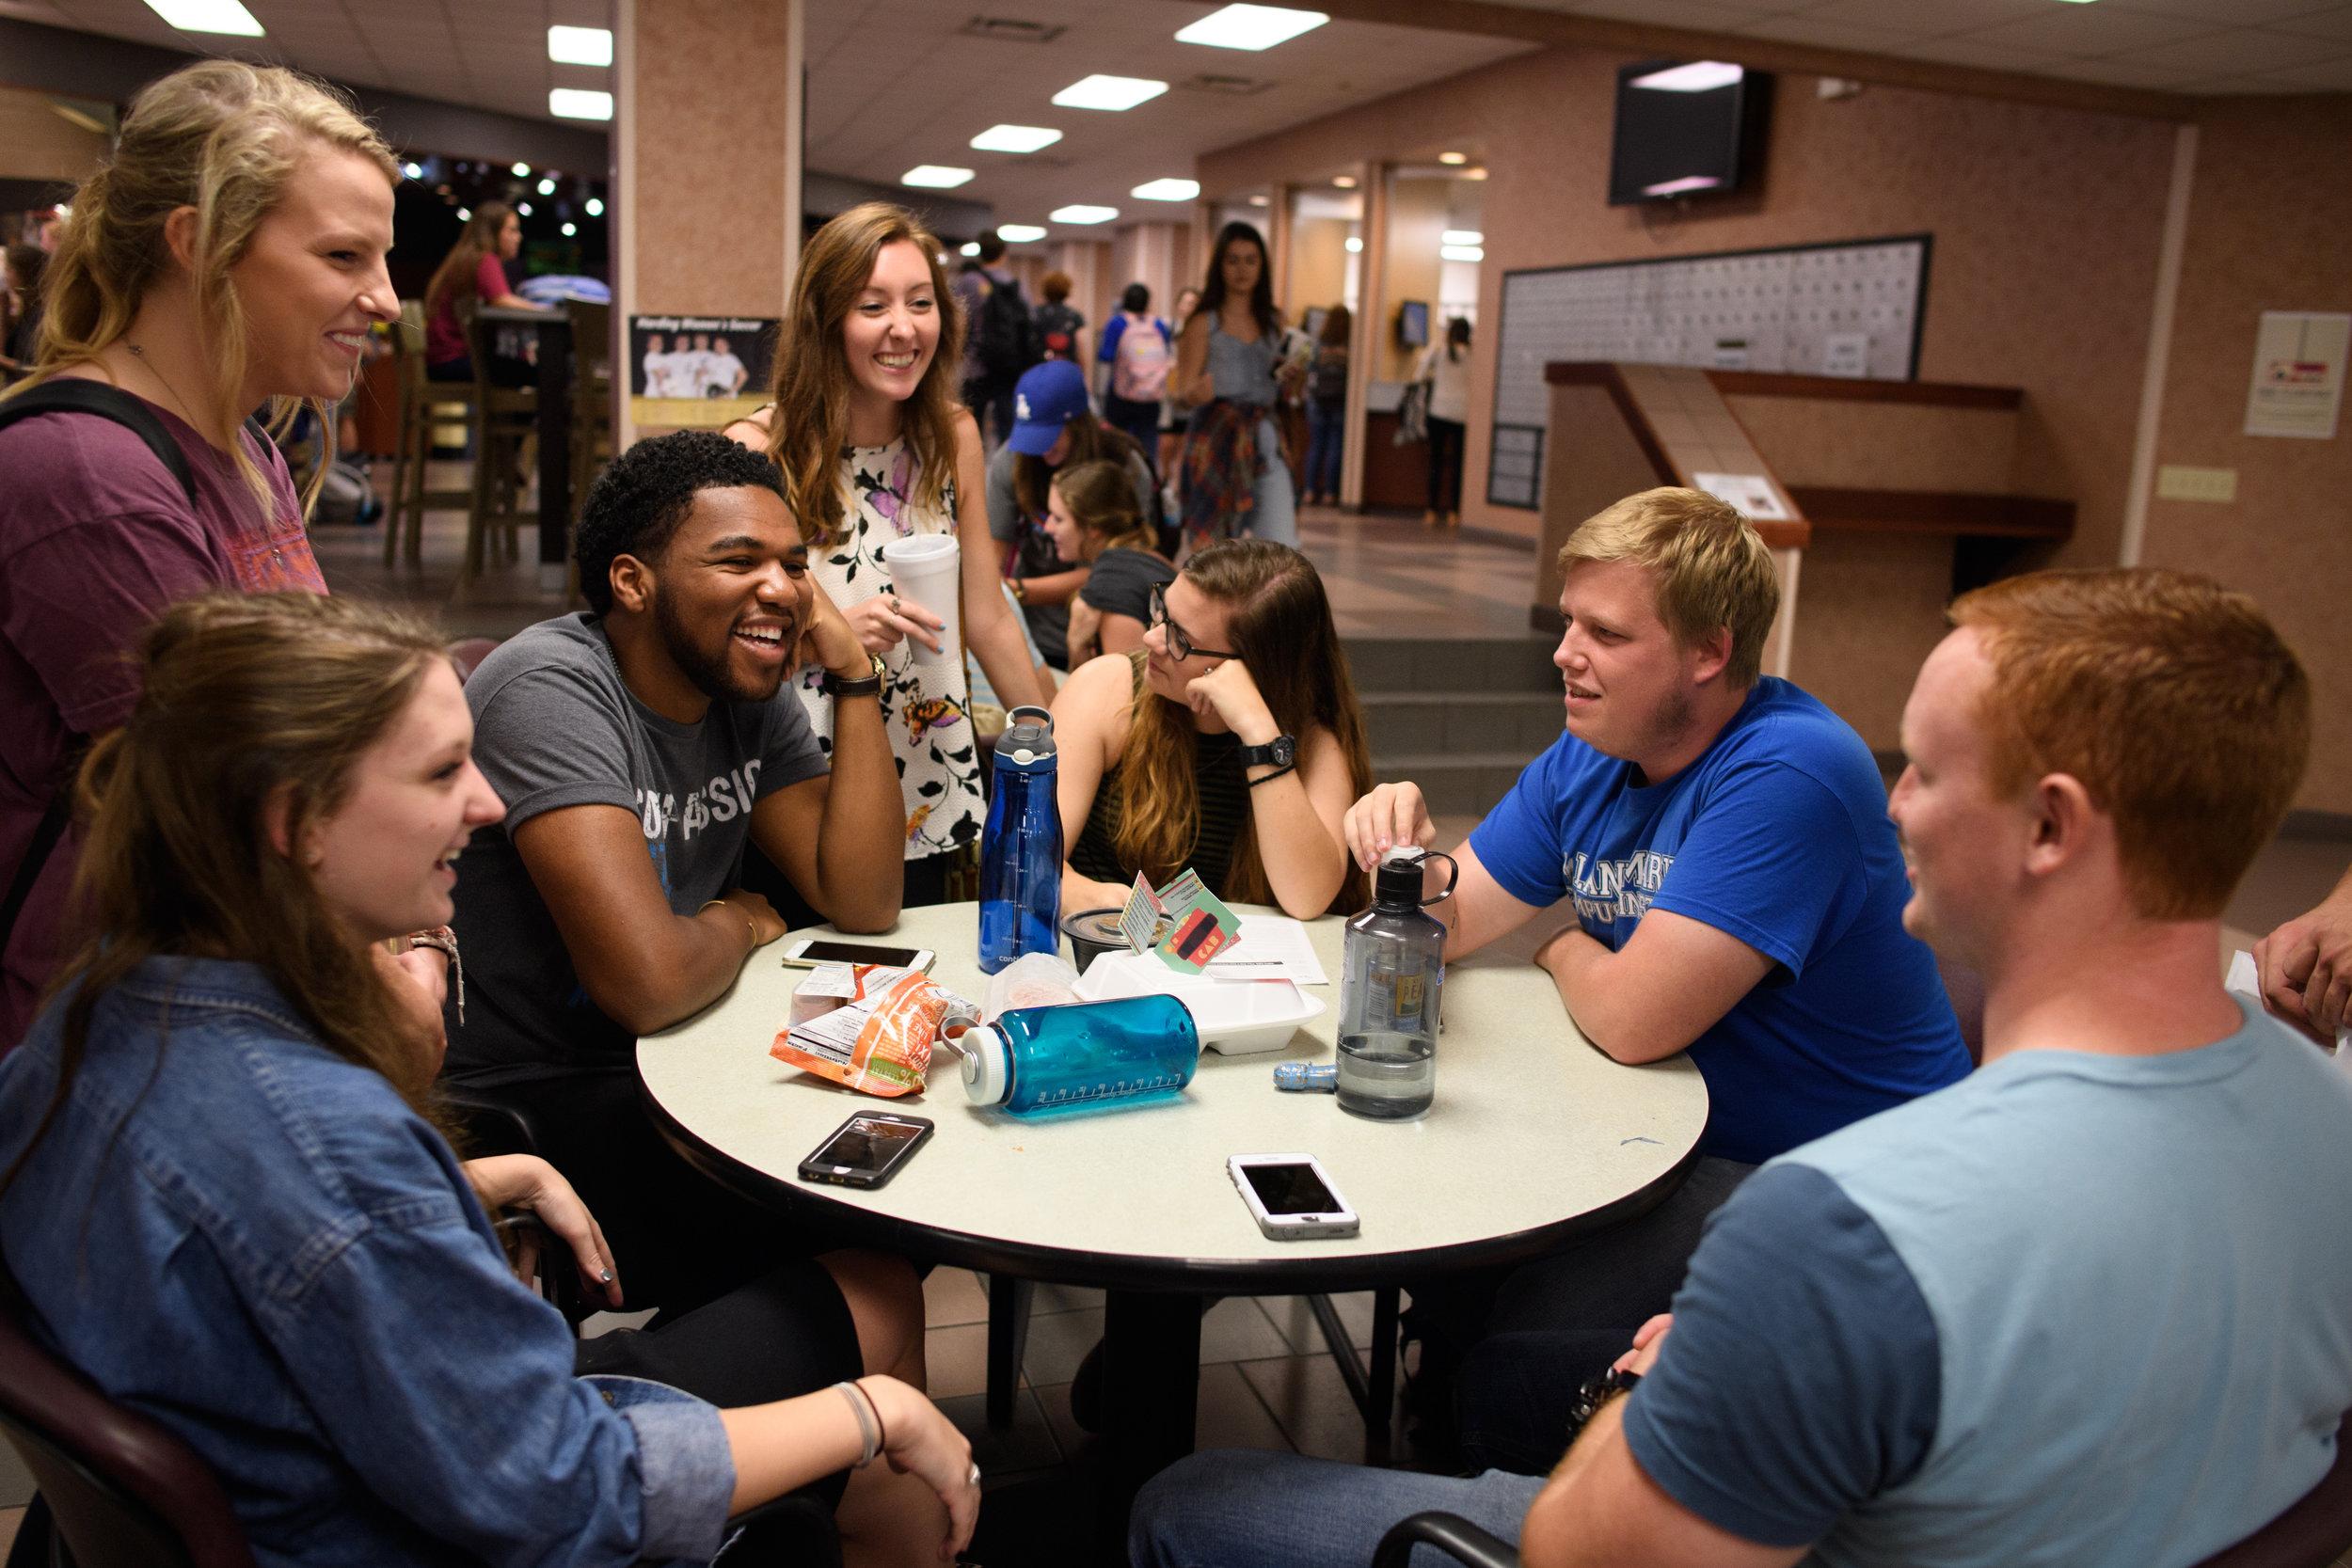 Photo courtesy Harding University